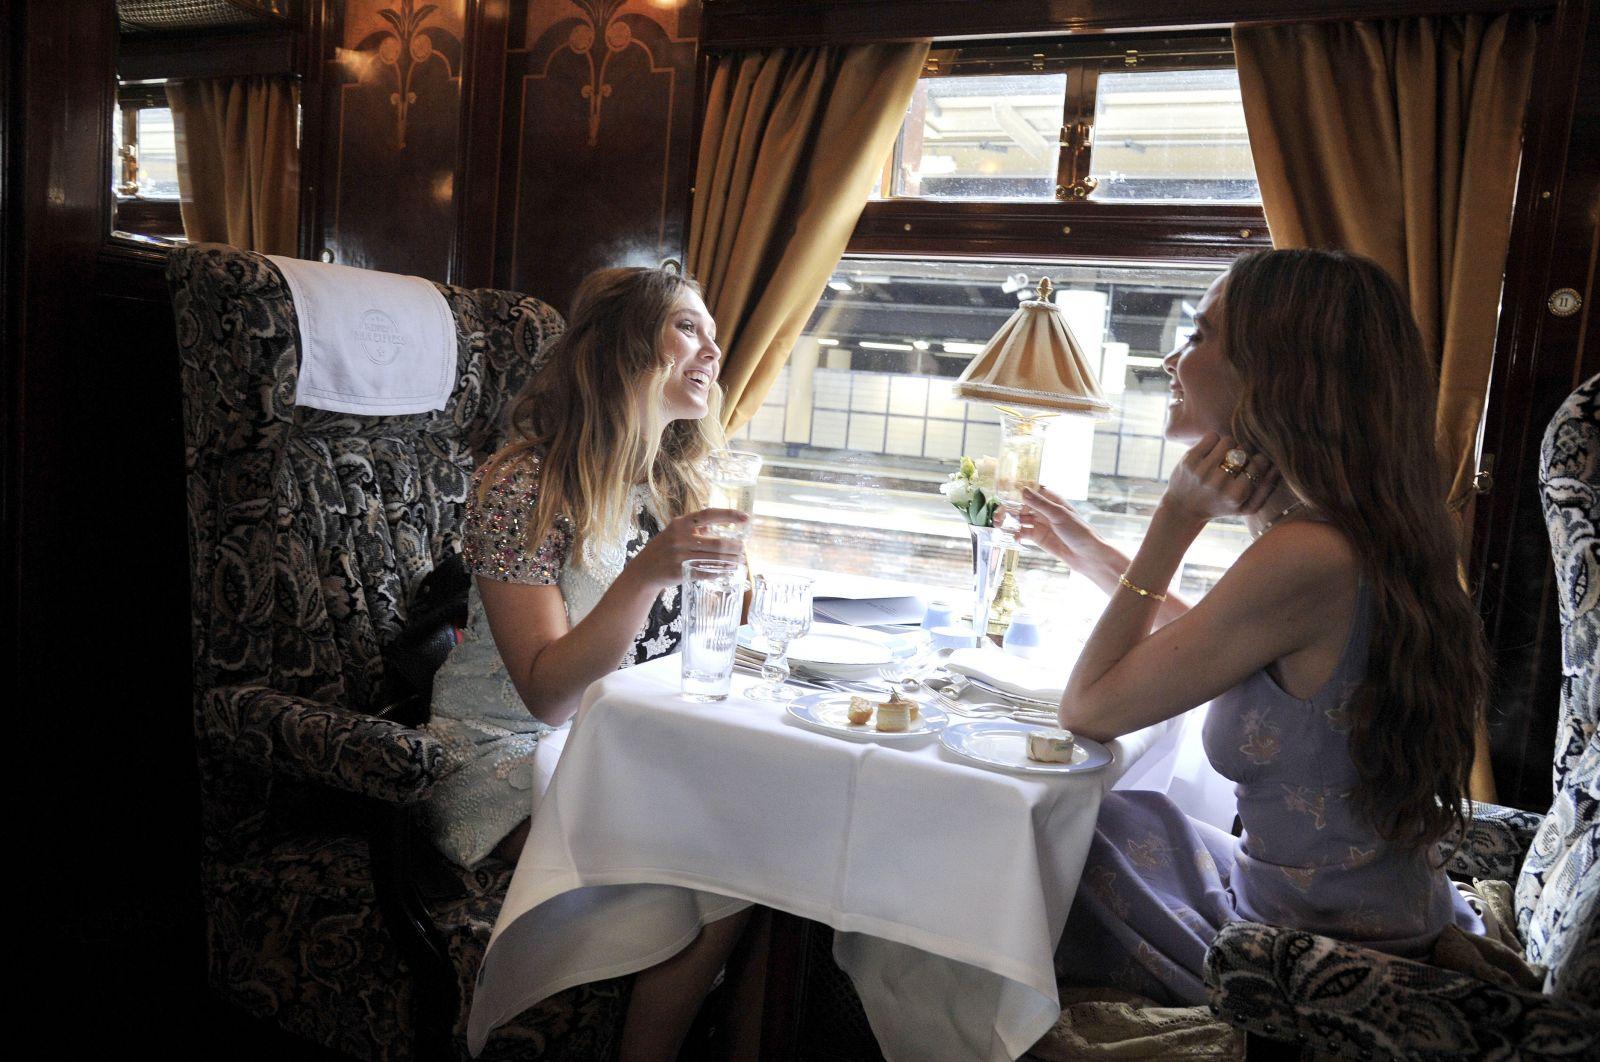 Сливки общества: интересные факты о показе Dior Resort 2017 и о гостях мероприятия